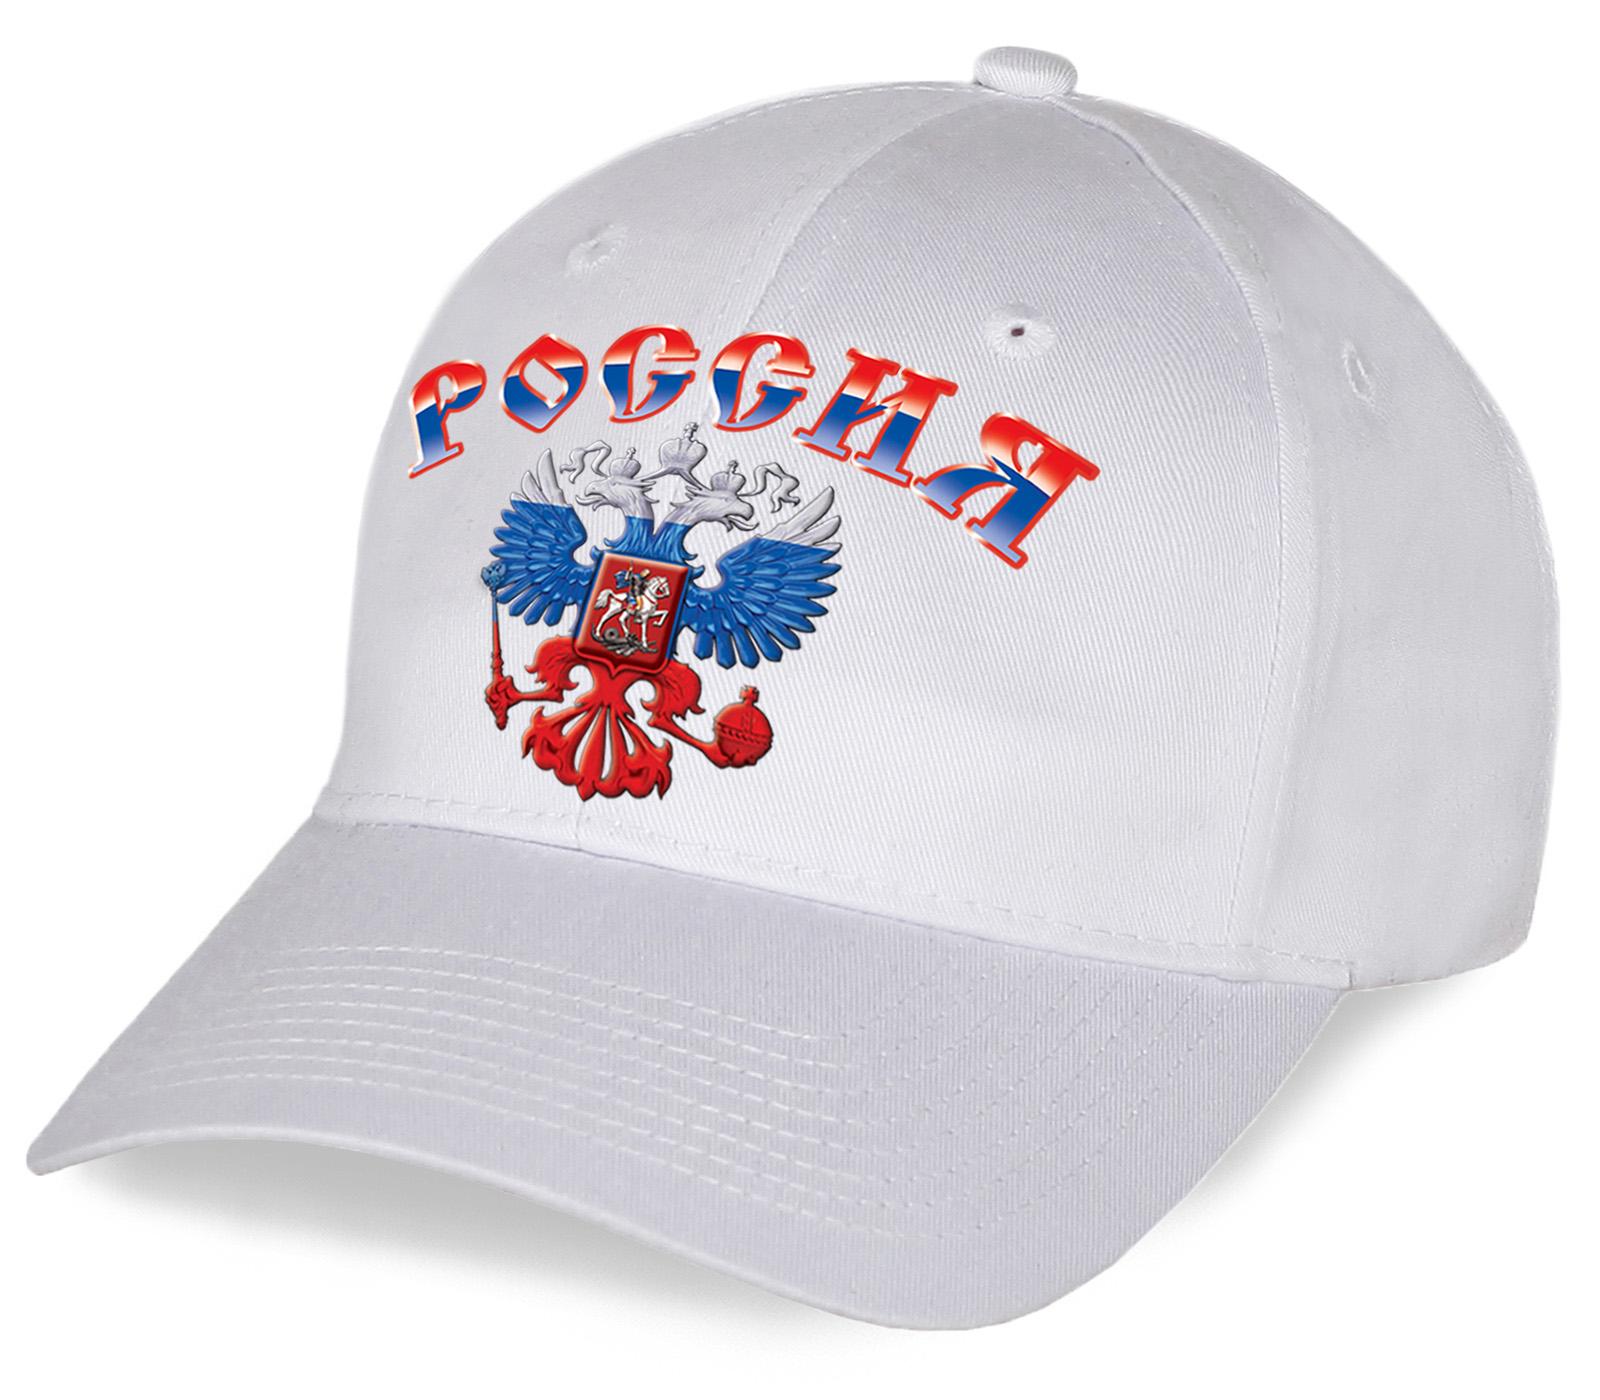 Фанатская кепка с патриотическим авторским принтом Россия